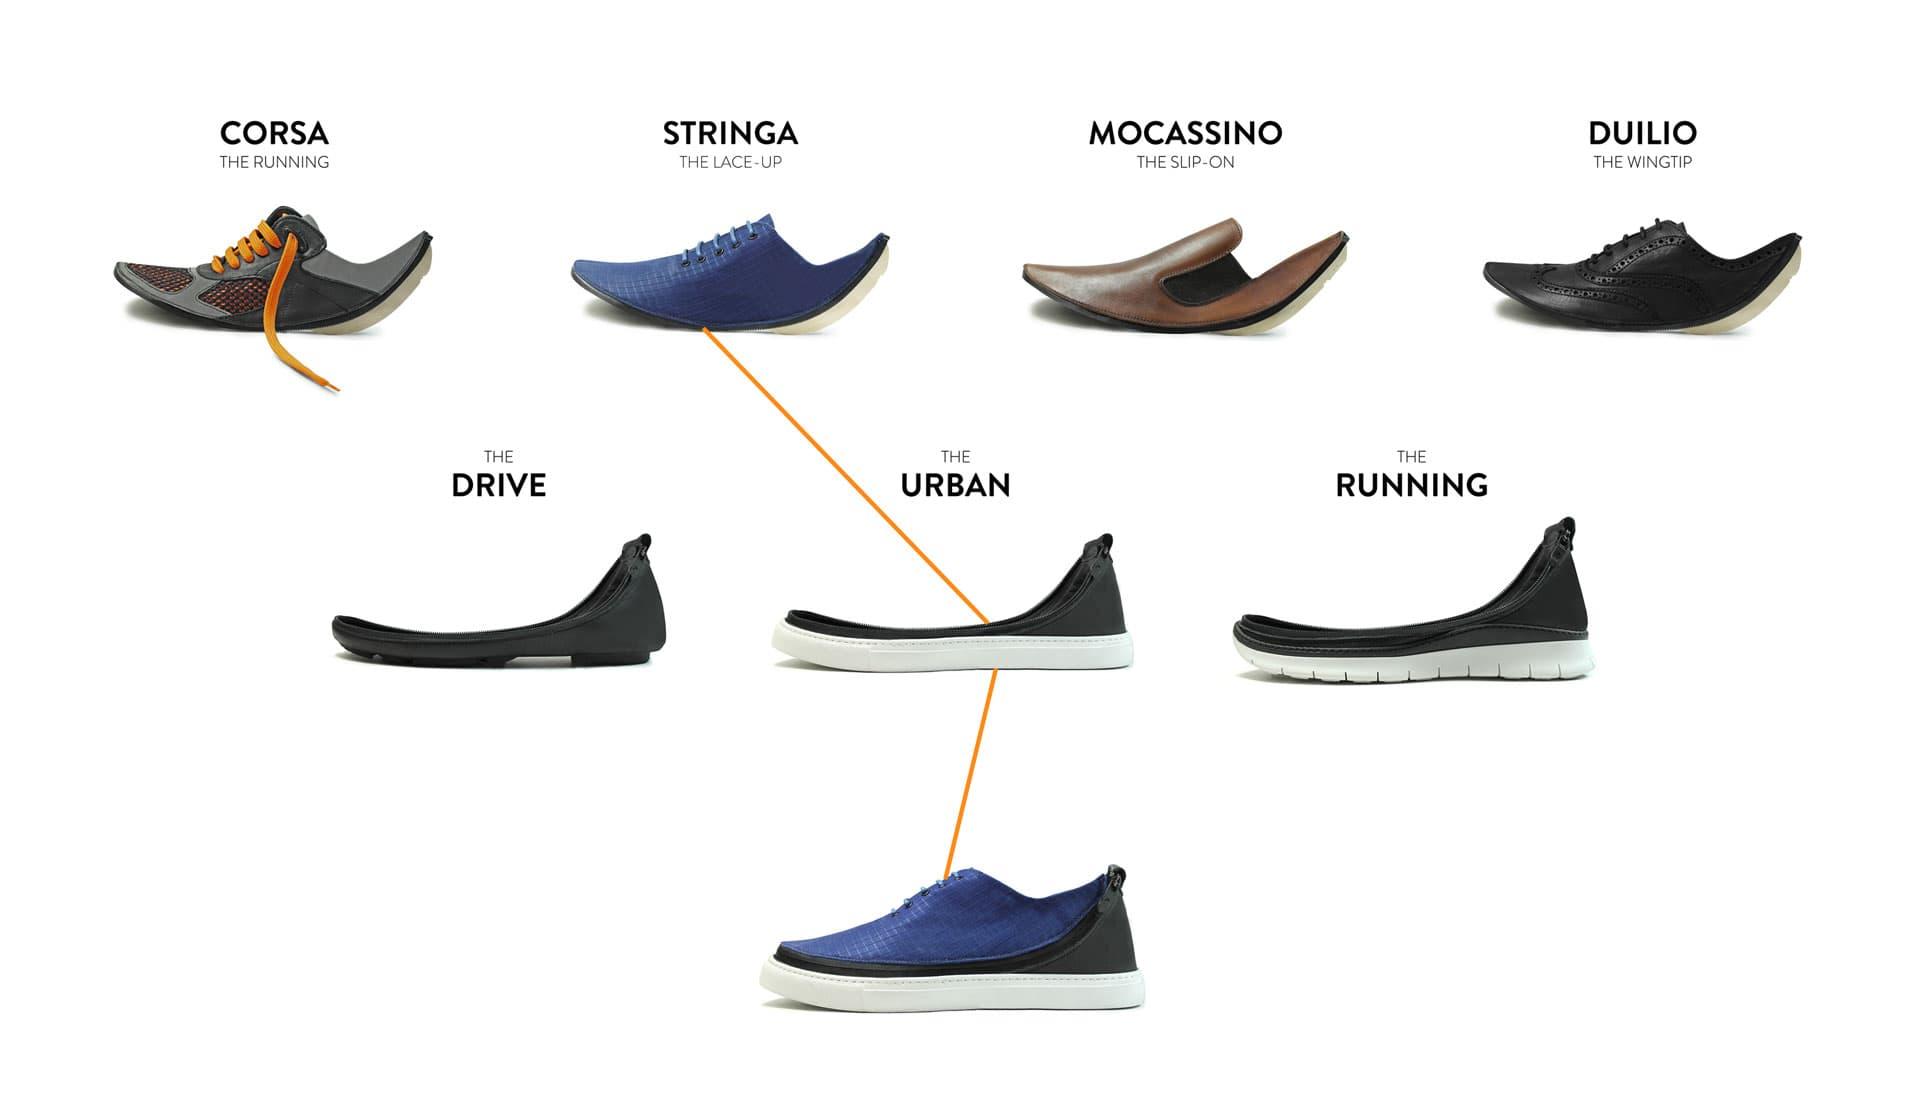 Shooz - os primeiros sapatosmodulares e customizáveisdo mundostylo urbano